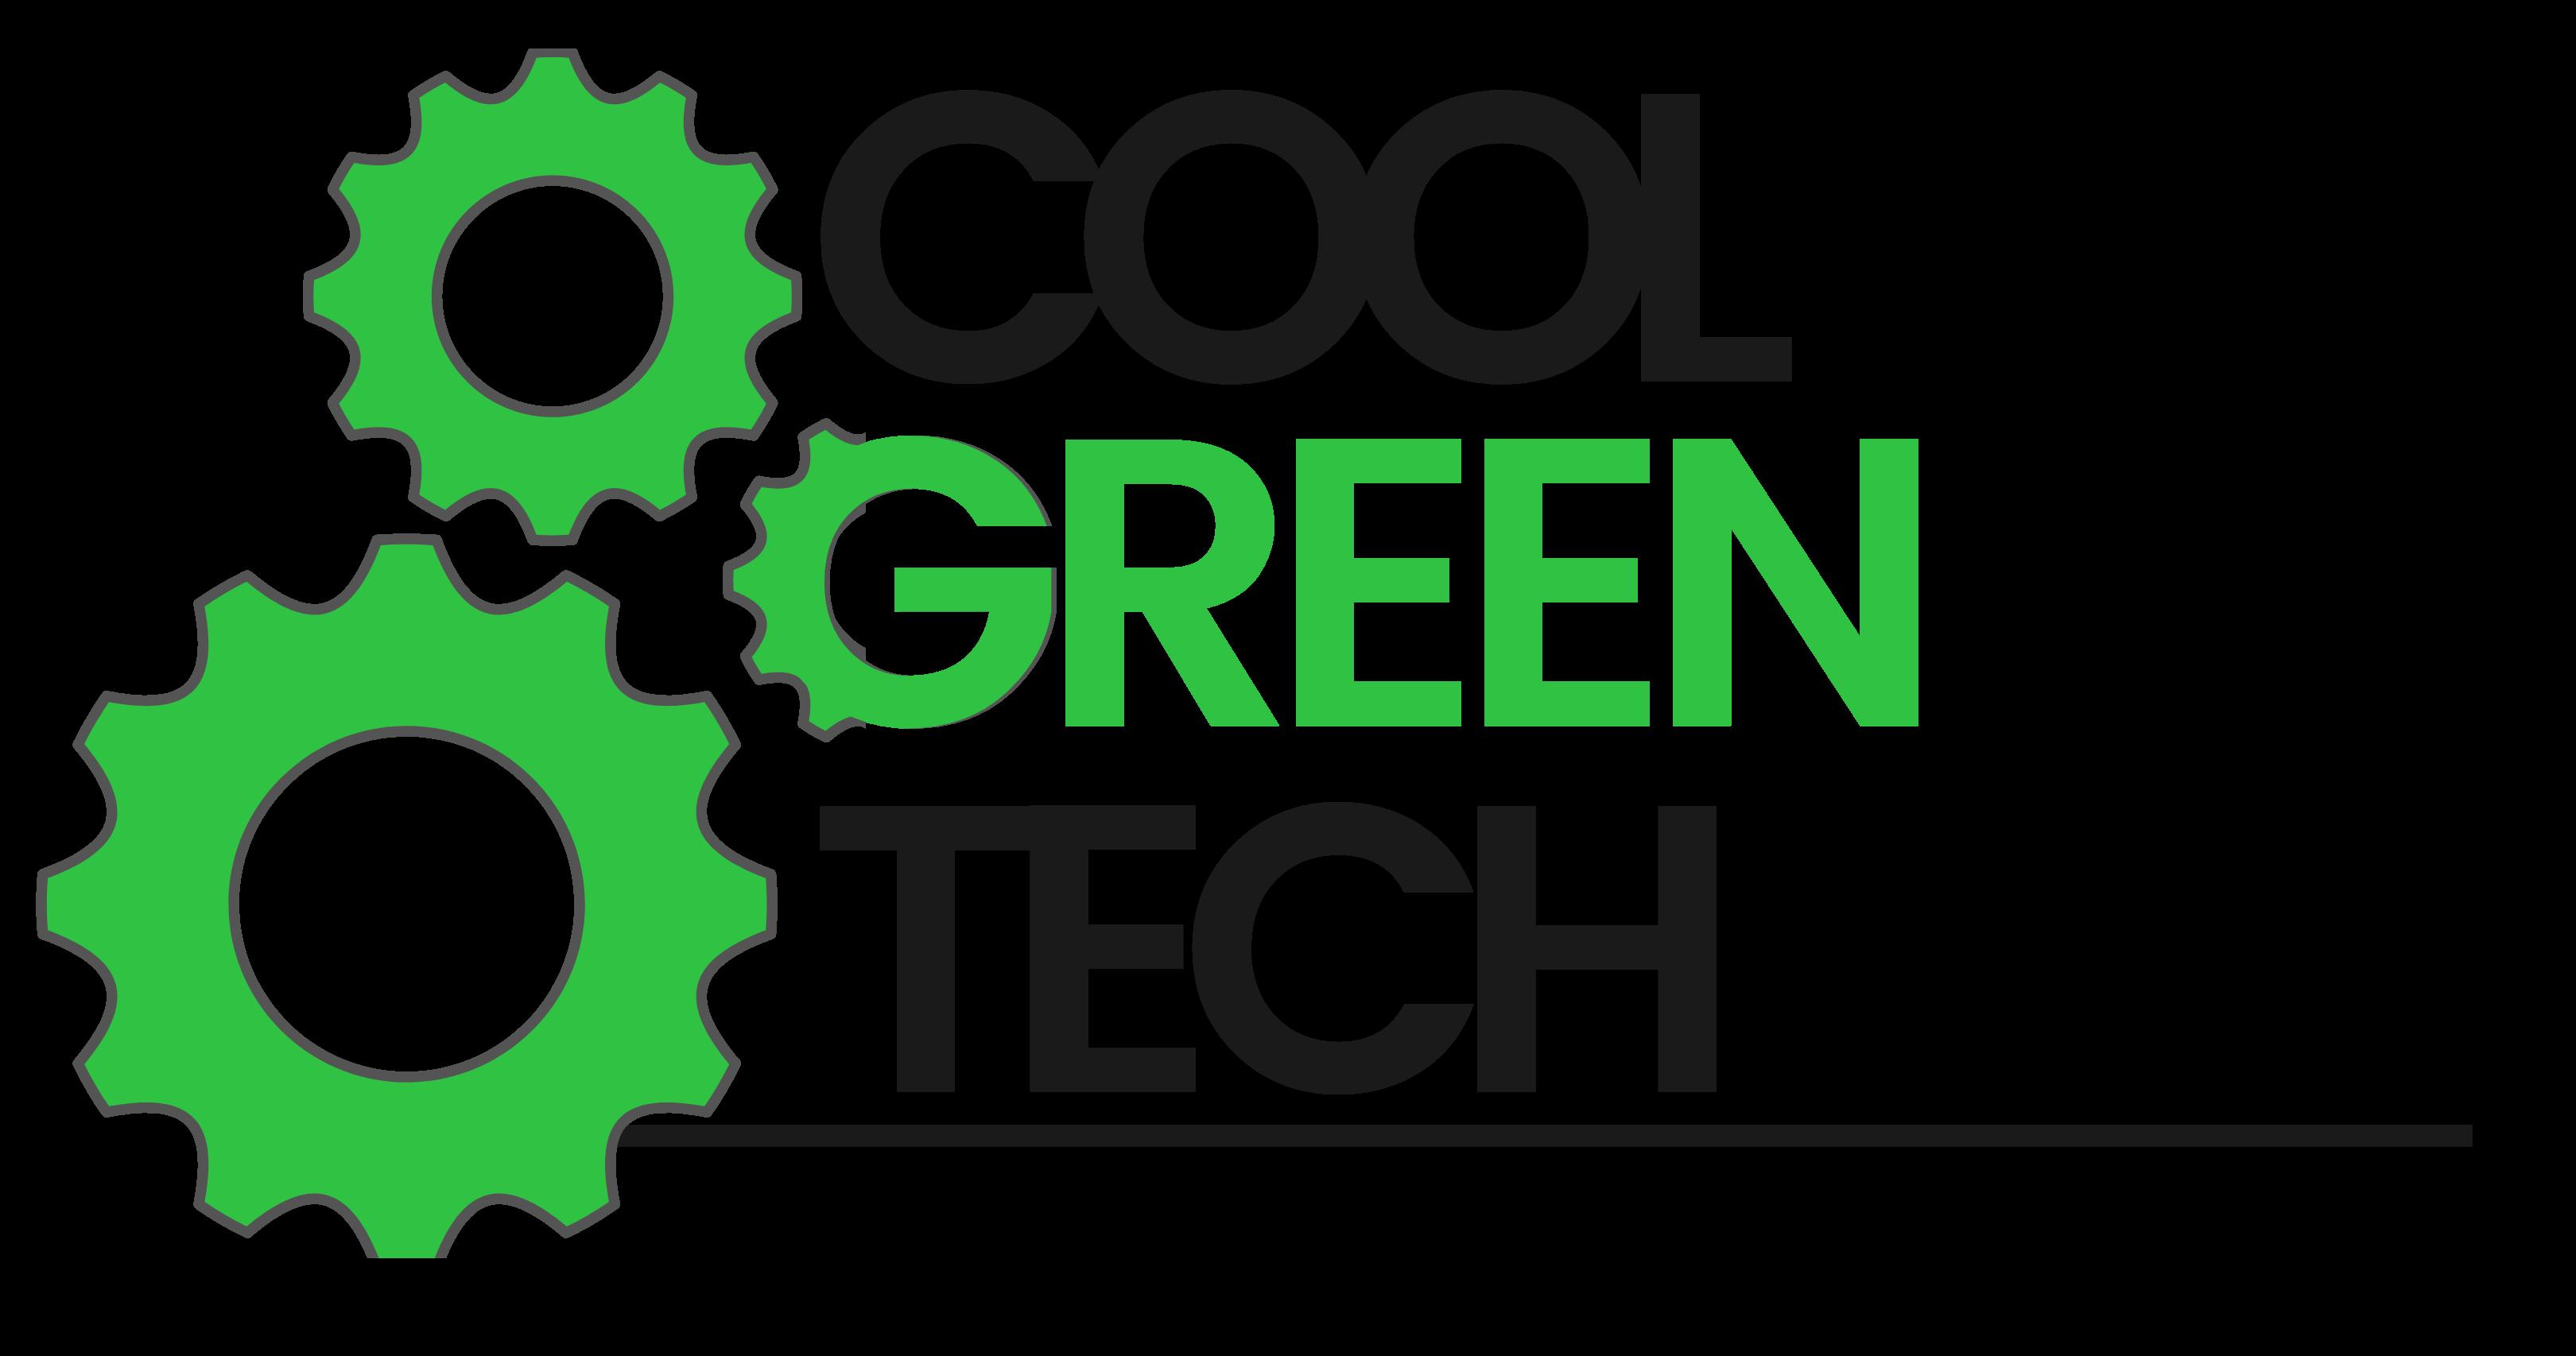 Cool Green Tech